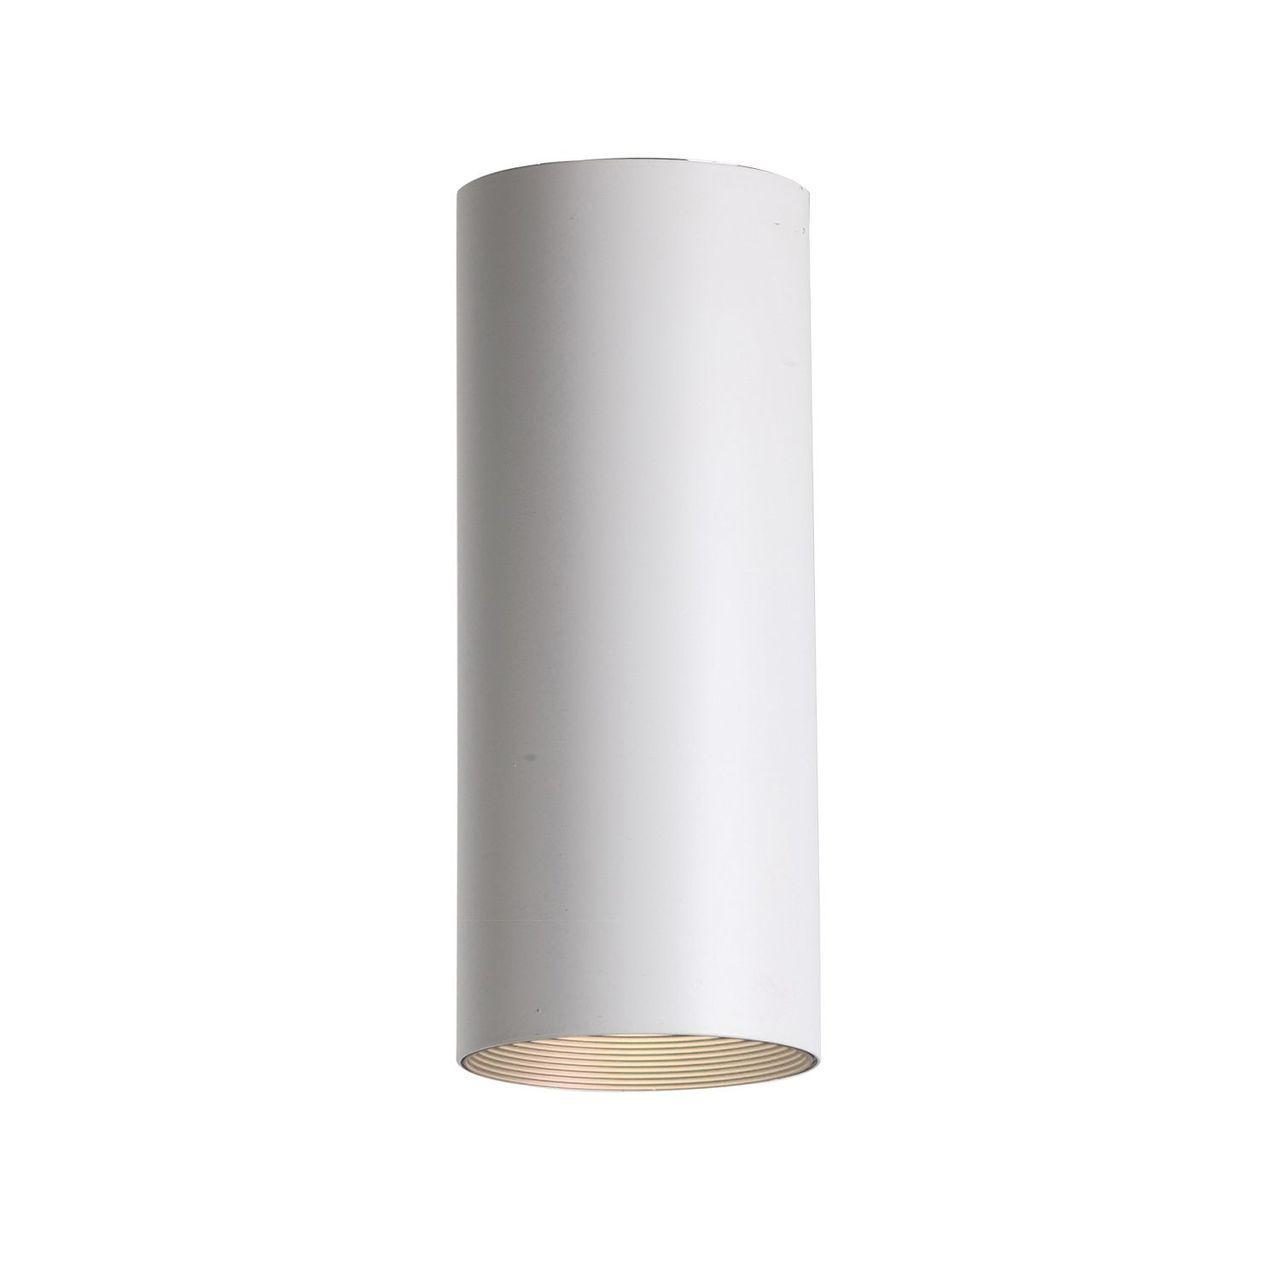 Потолочный светодиодный светильник Favourite Drum 2247-1U потолочный светодиодный светильник favourite umlauf 2116 1u